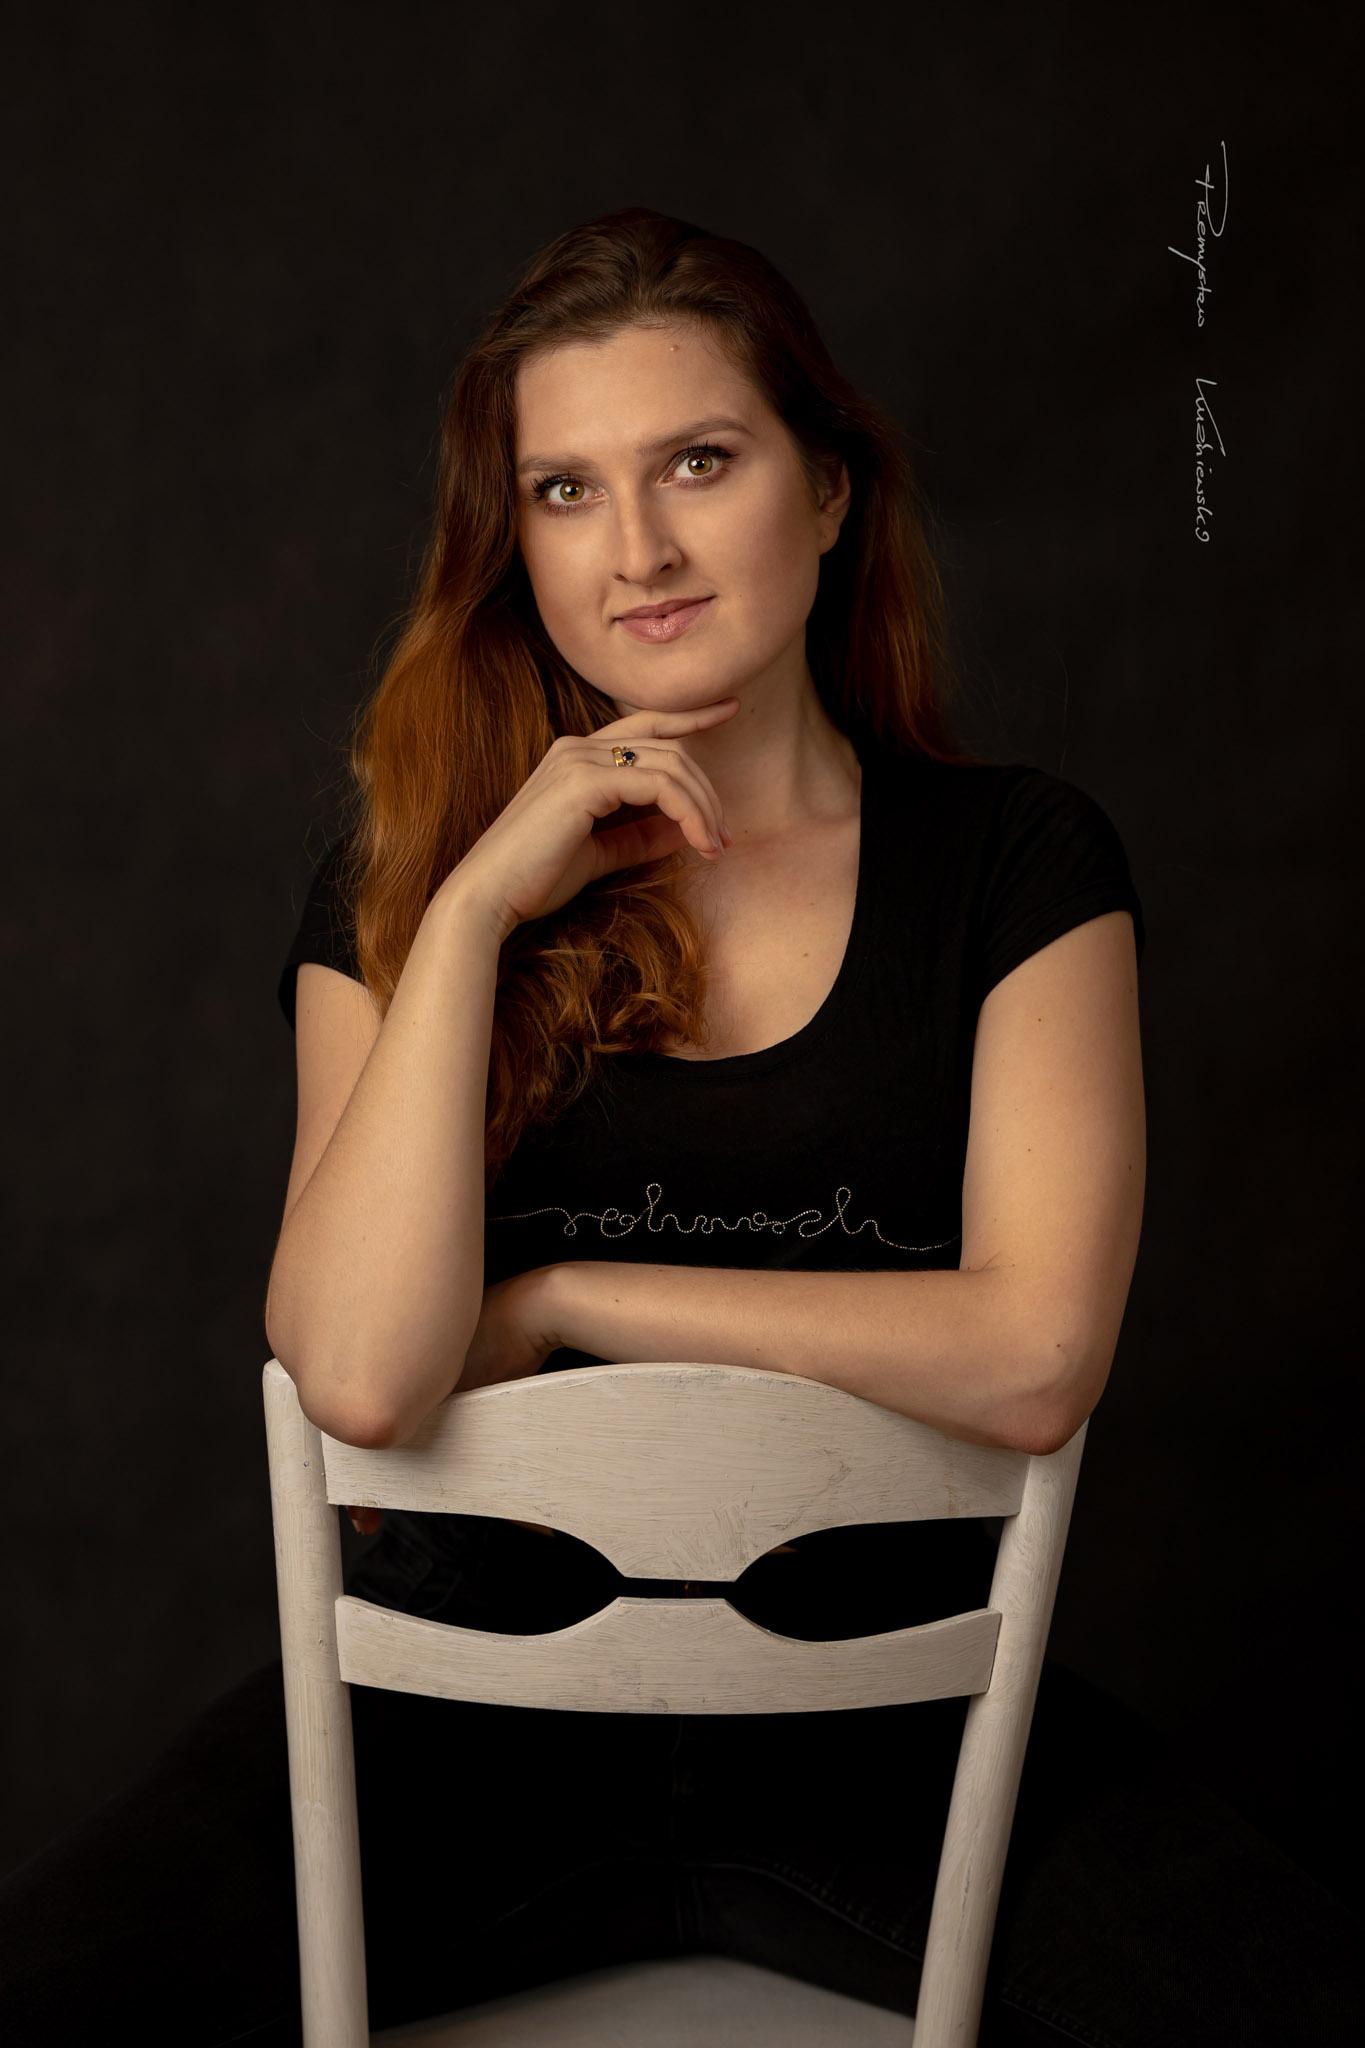 Ewelina studio czern empiriafoto Przemyslaw Kuzniewski fotograf Ciechanów 02